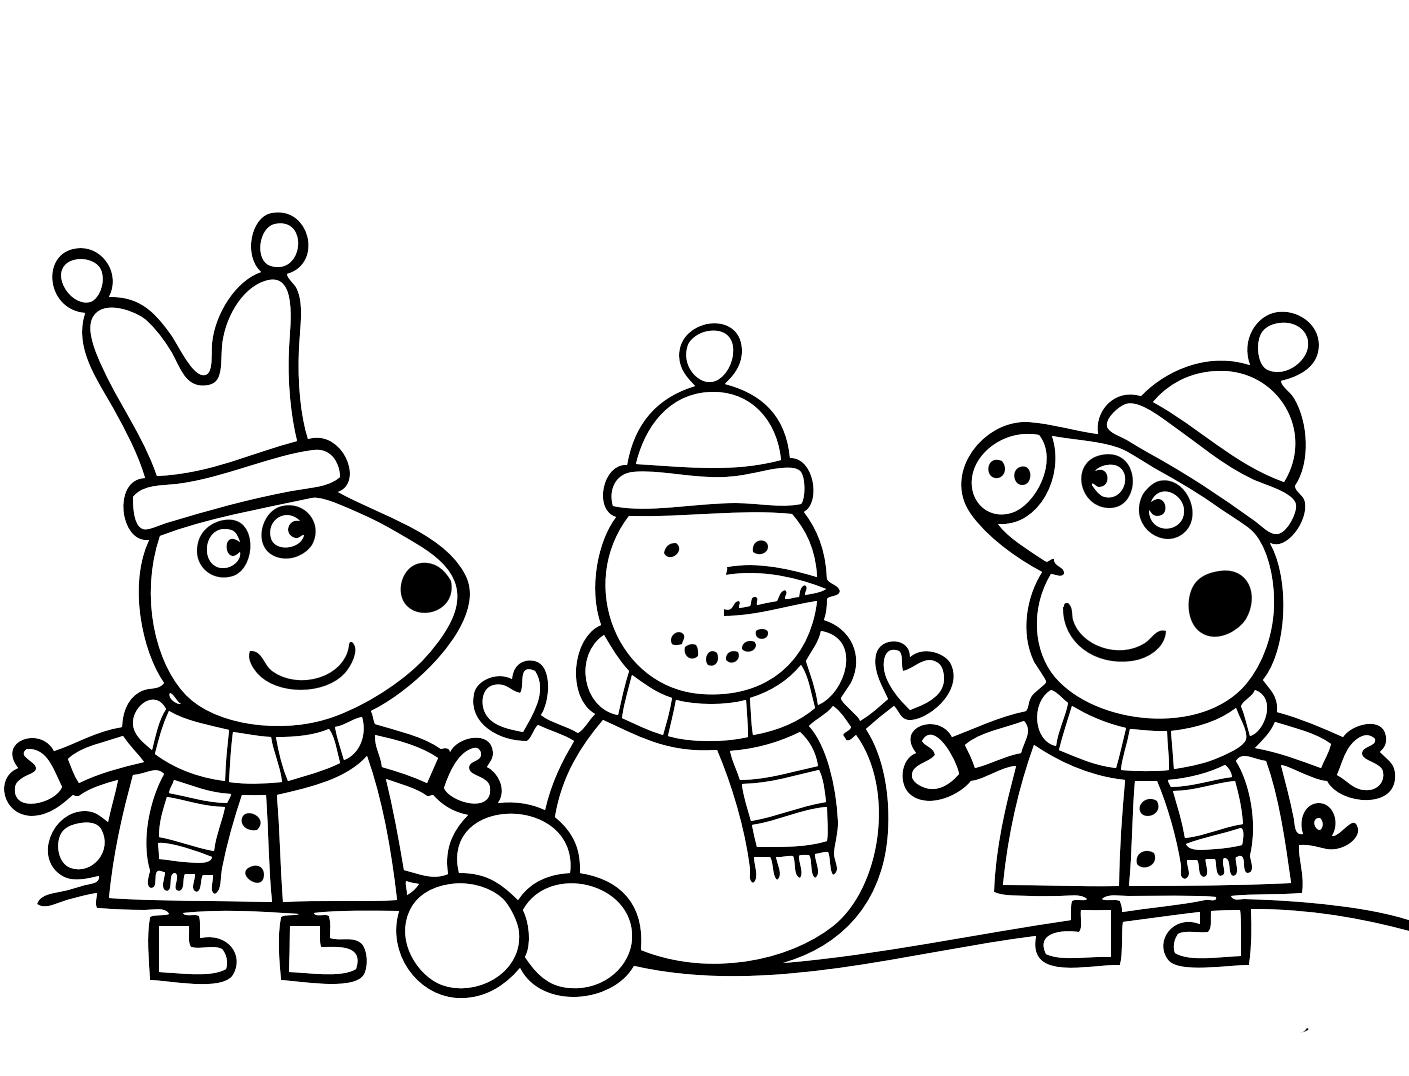 Disegno Peppa Pig Da Colorare.38 Disegni Peppa Pig Da Colorare E Stampare